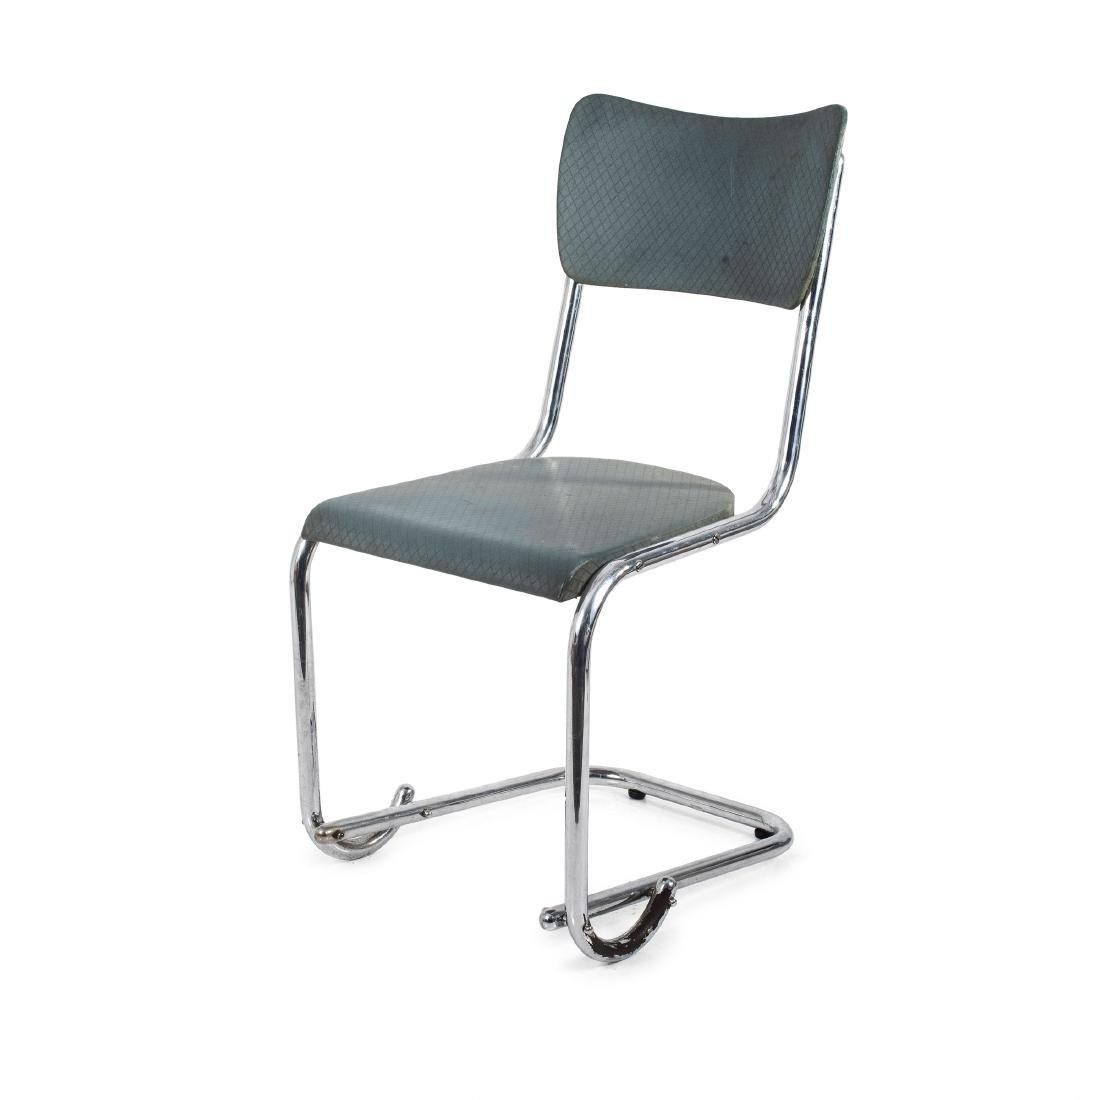 Tubular steel chair, 1930s